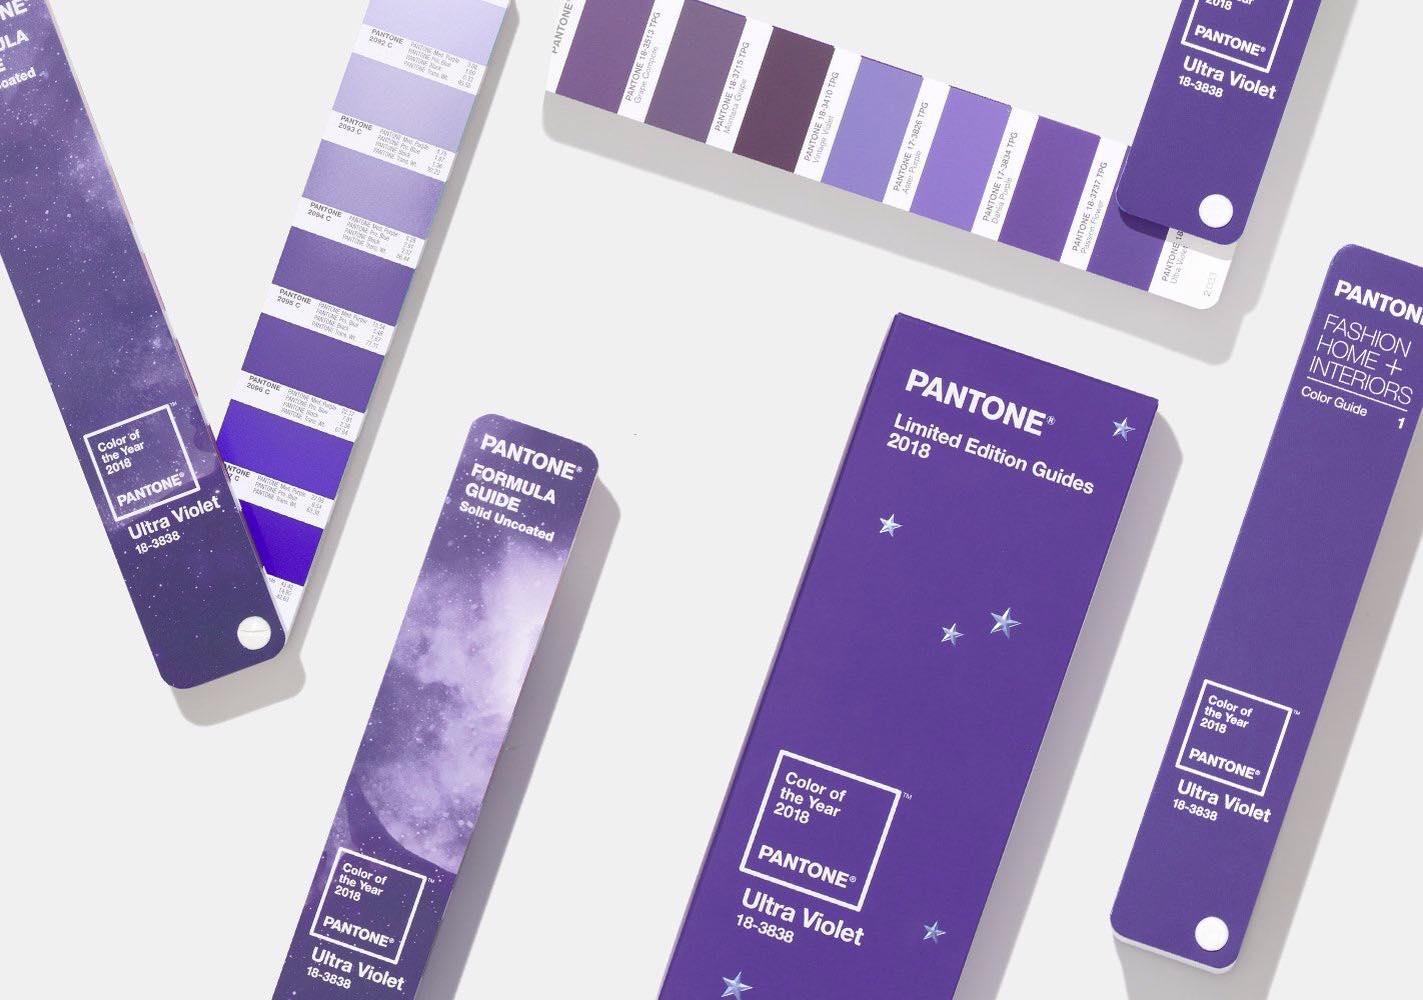 شركة Pantone 2018 5 اللون البنفسجي لون العام بحسب بانتون